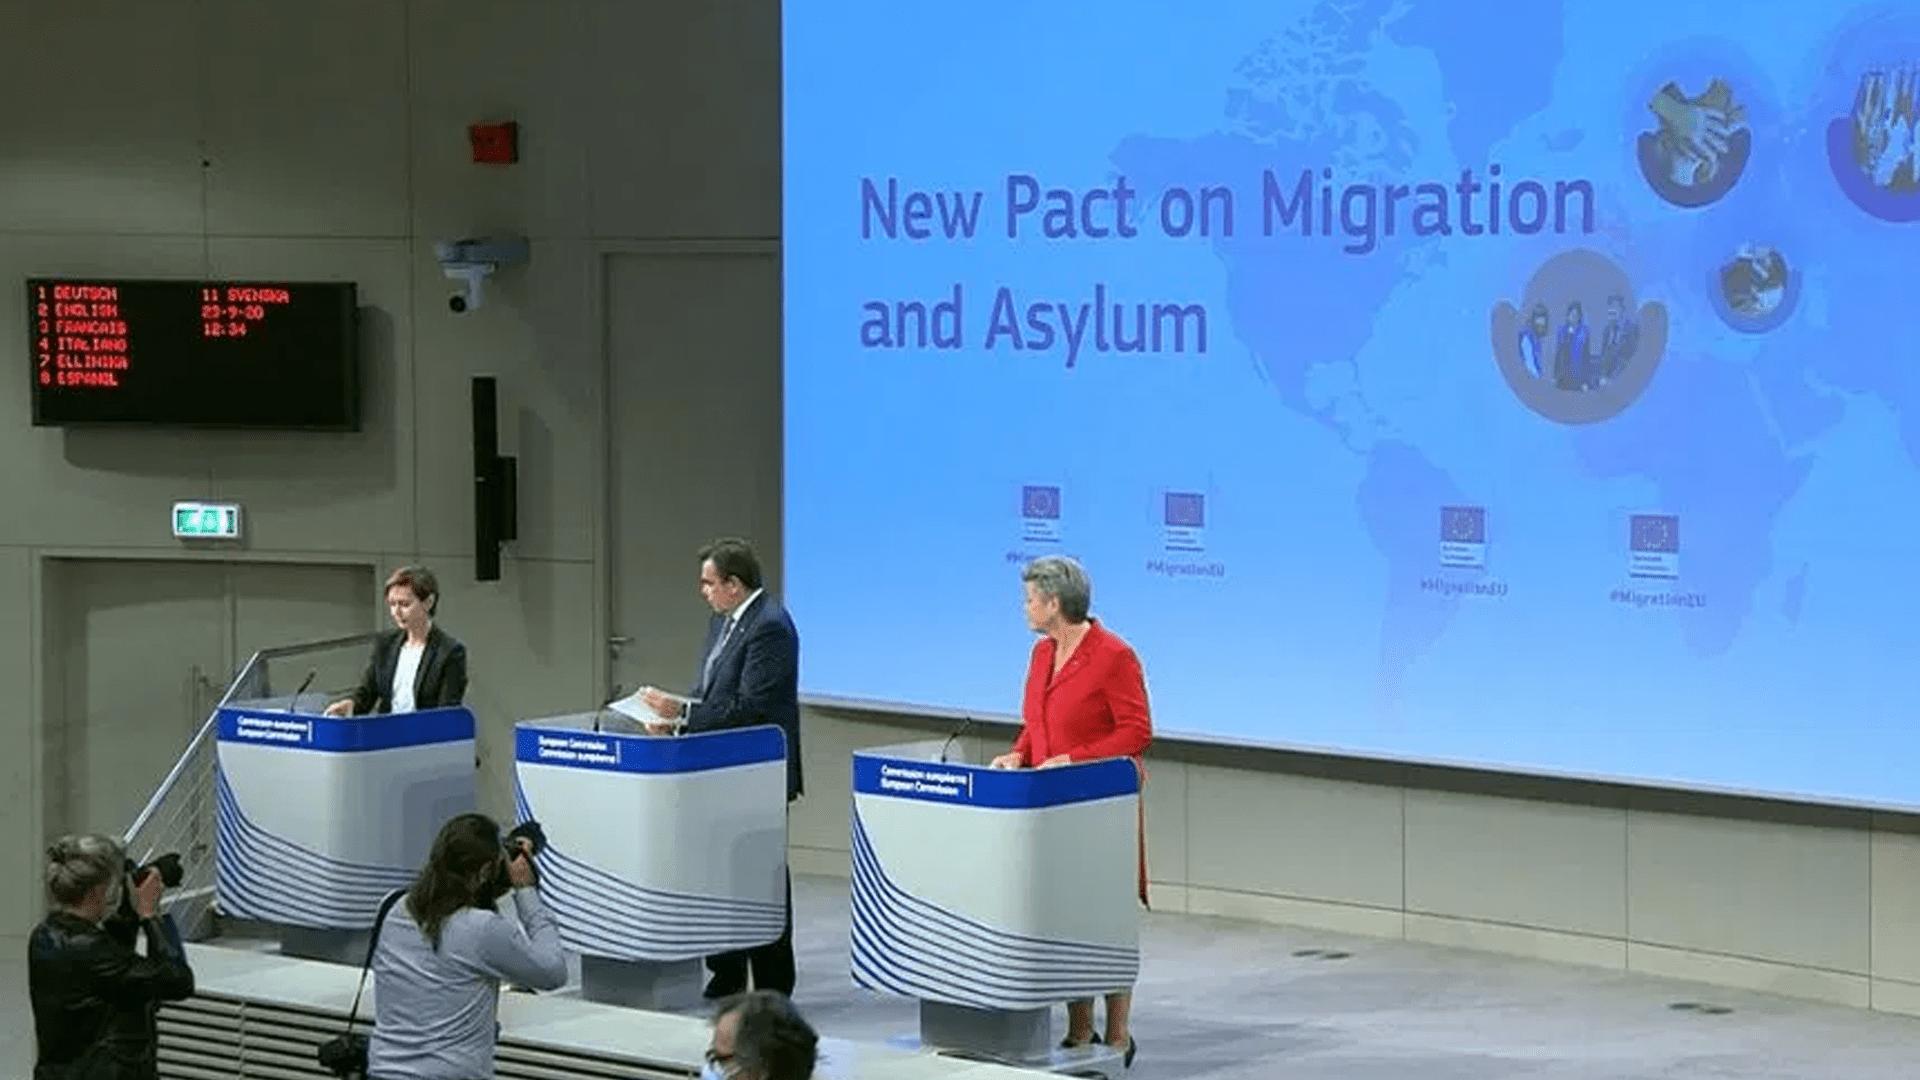 Il nuovo patto europeo sulla migrazione e l'asilo